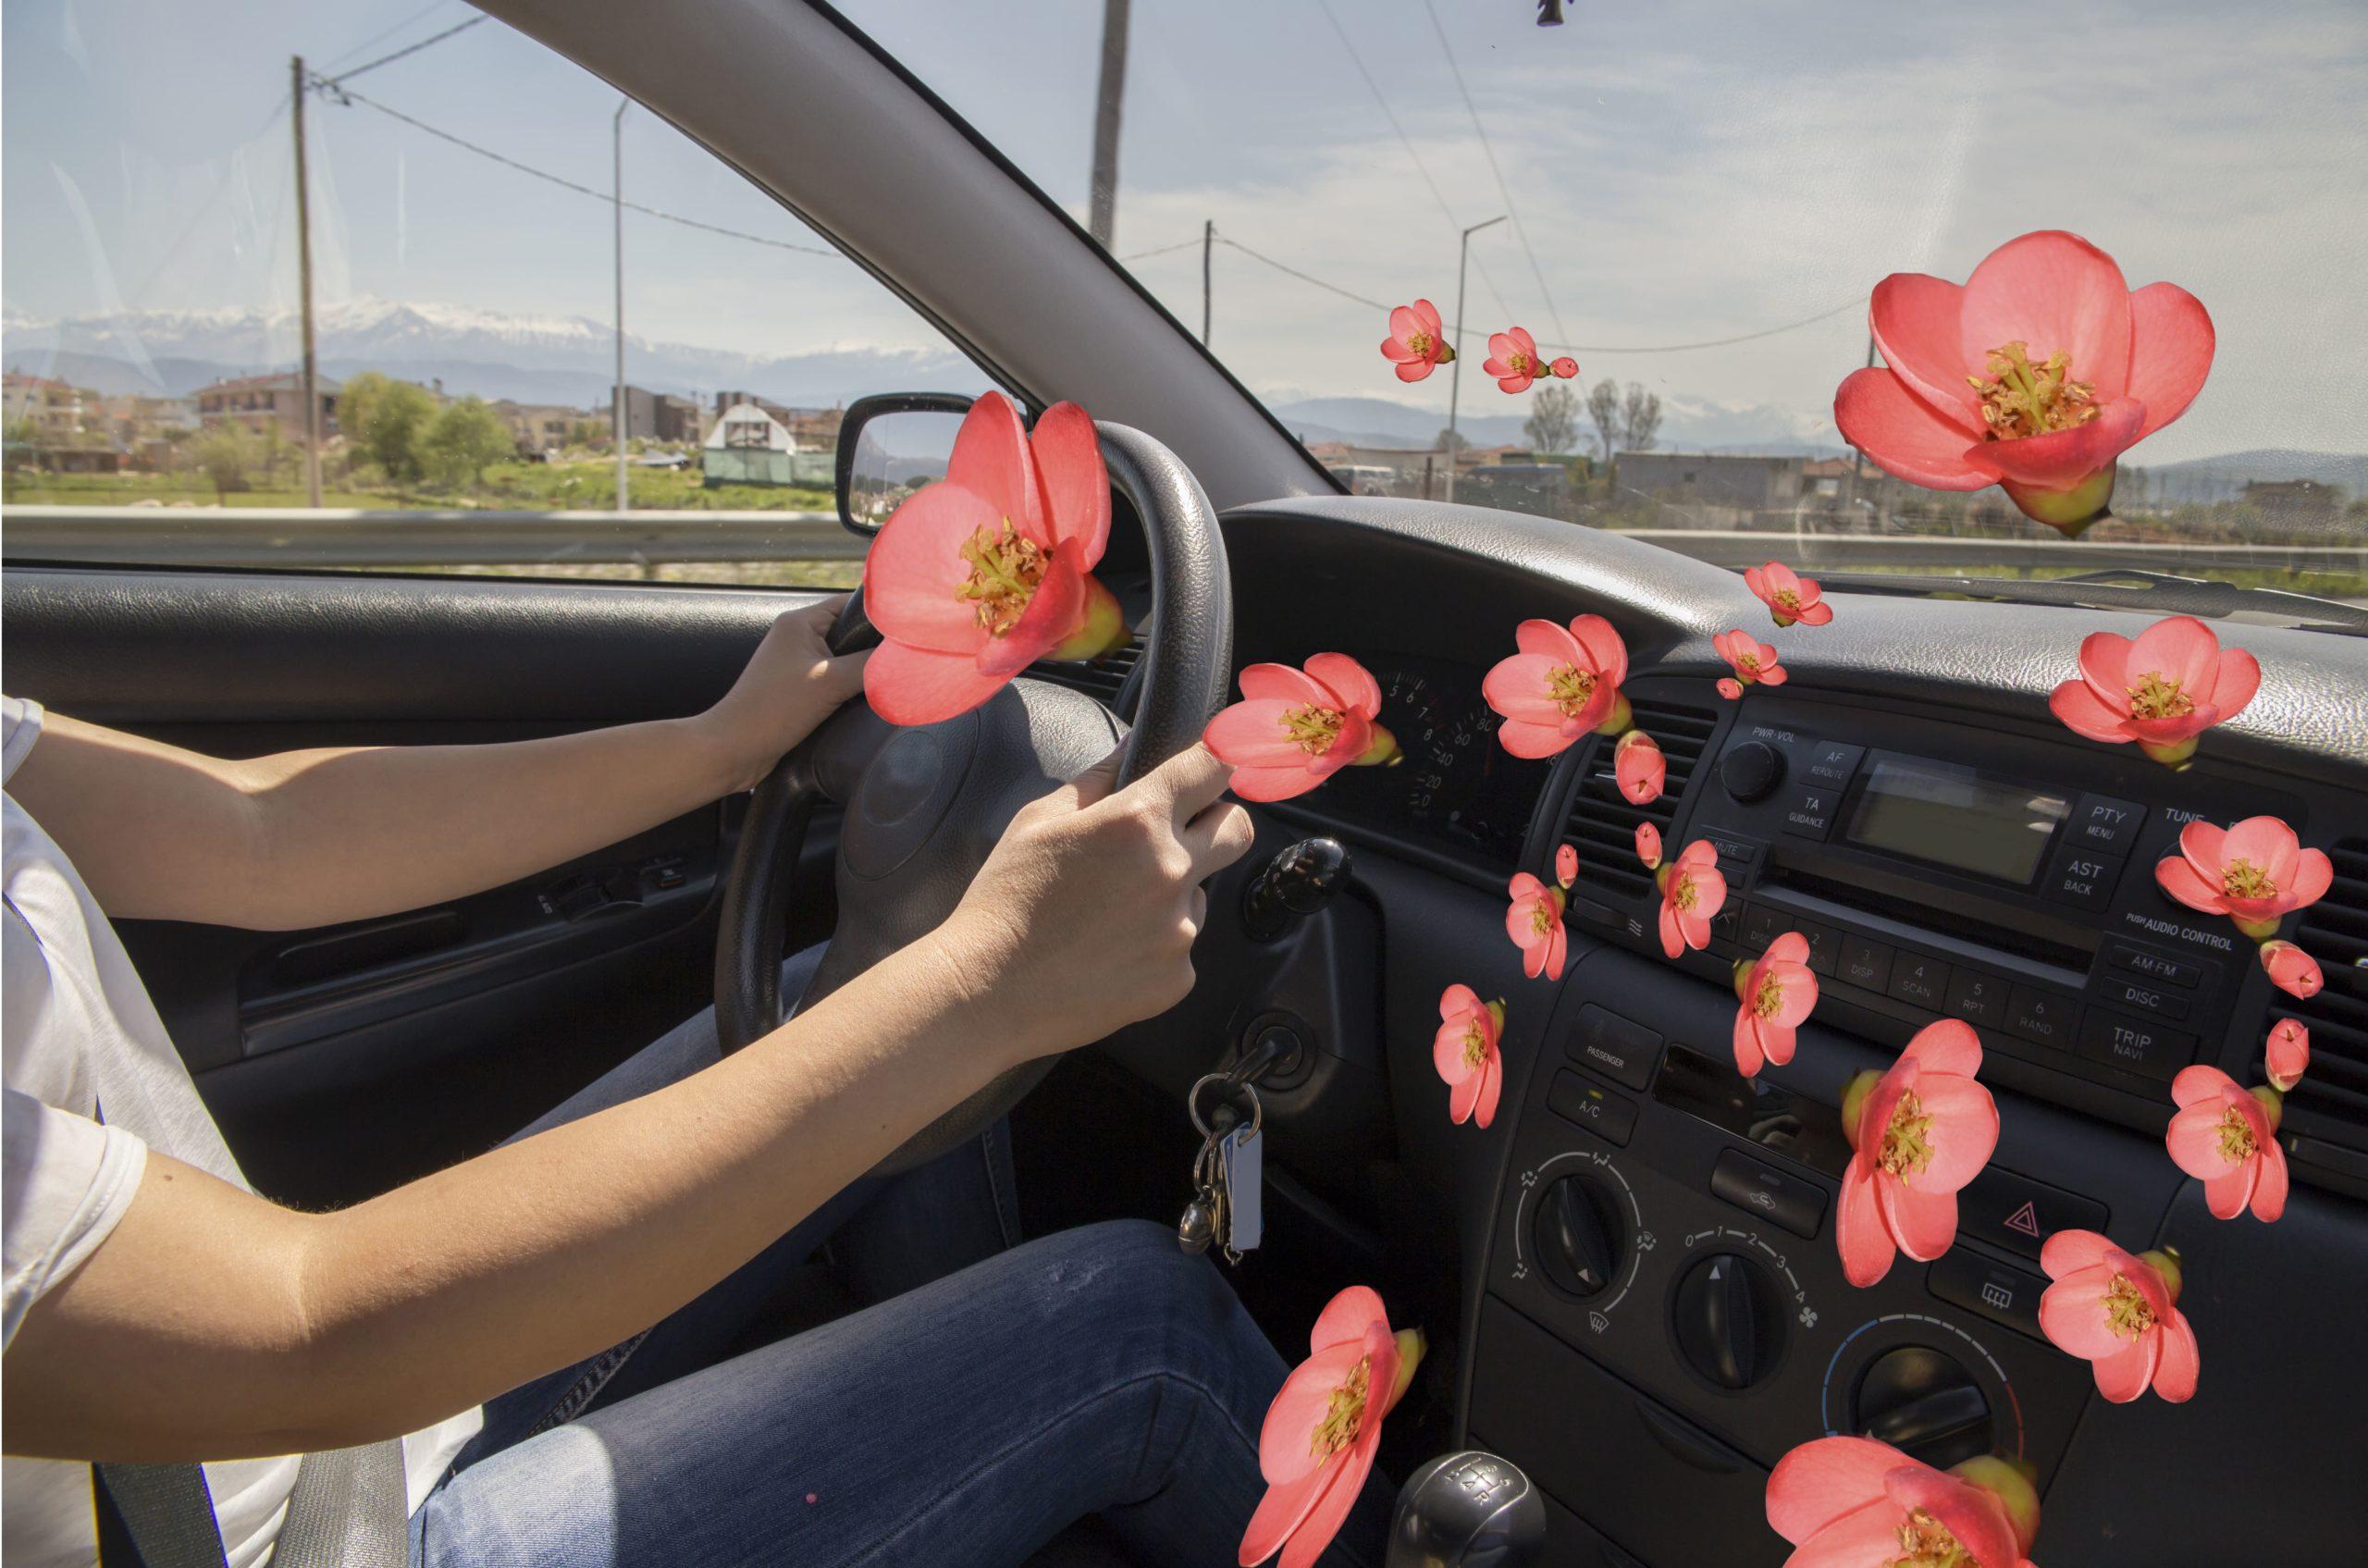 car air freshener is inevitable